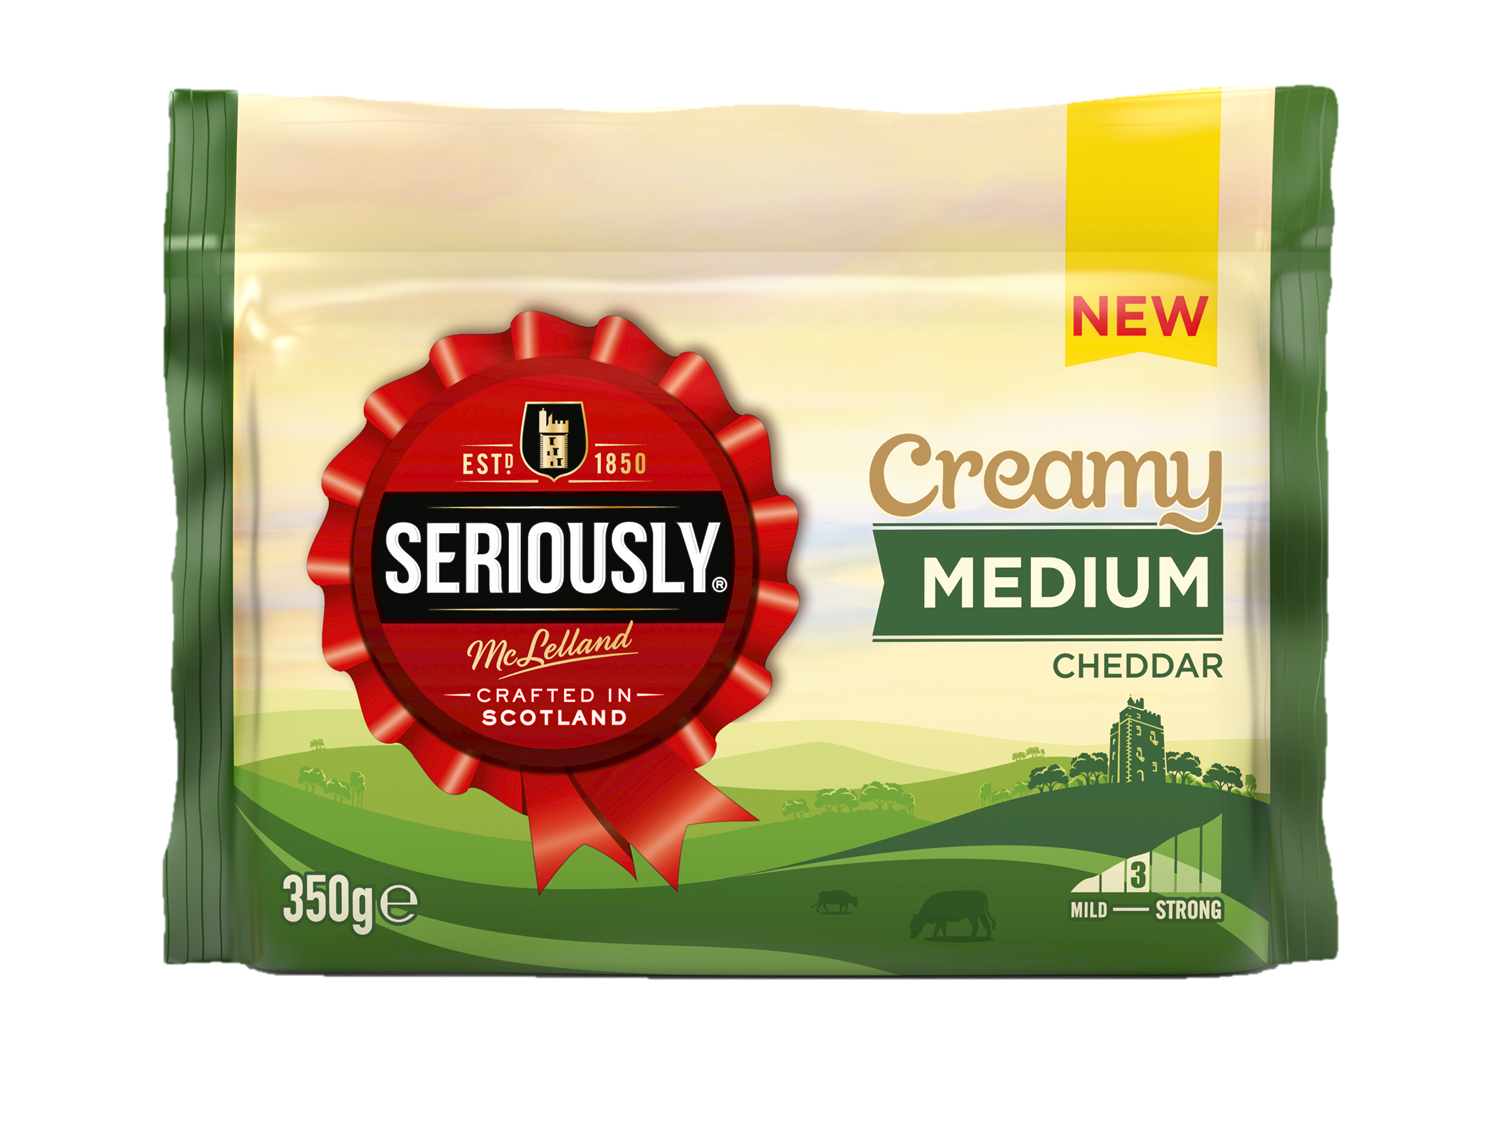 Medium Cheddar